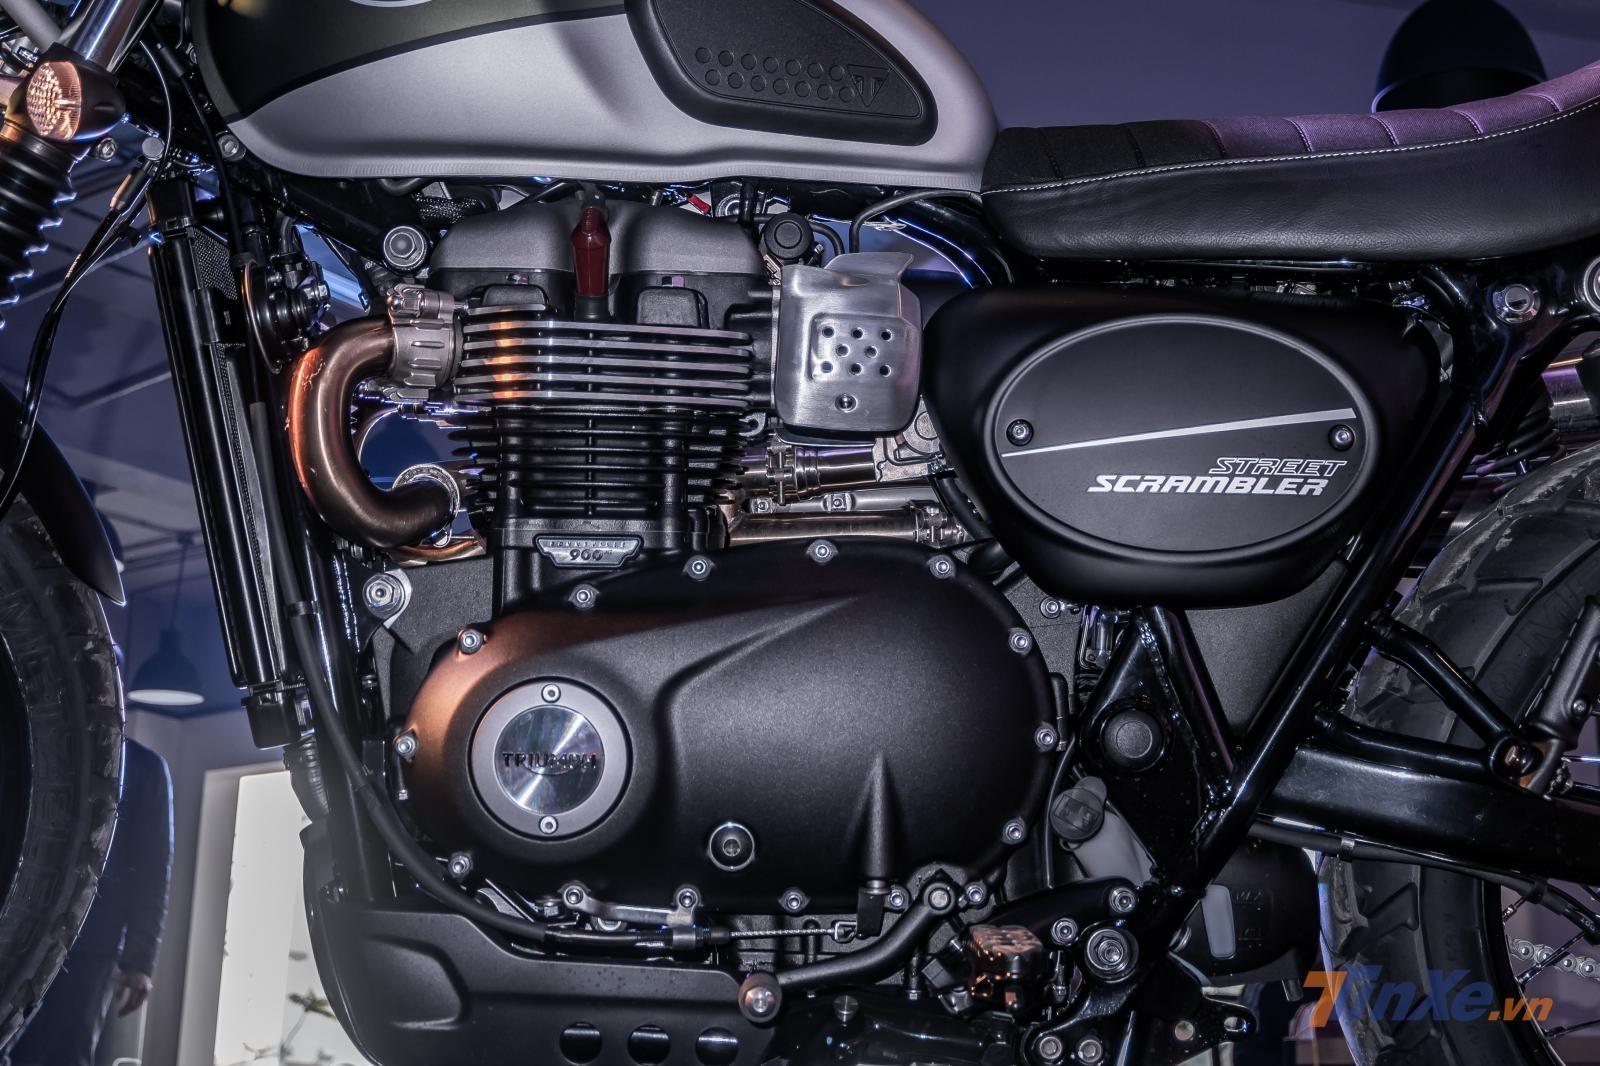 Triumph Street Scrambler 2019sở hữu khối động cơ2 máy đứng (Twin Engine Bonneville 900cc) thế hệ mới nhất ,tăng thêm 18% công suất – tương đương với 10 mã lực. Điều này có nghĩa là, cả hai mẫu xe đều có khả năng sản sinh công suất tối đa 64 mã lực tại vòng tua 7.500 vòng/phút và mô-men xoắn cực đại đạt 80 Nm tại vòng tua 3.500 vòng/phút.